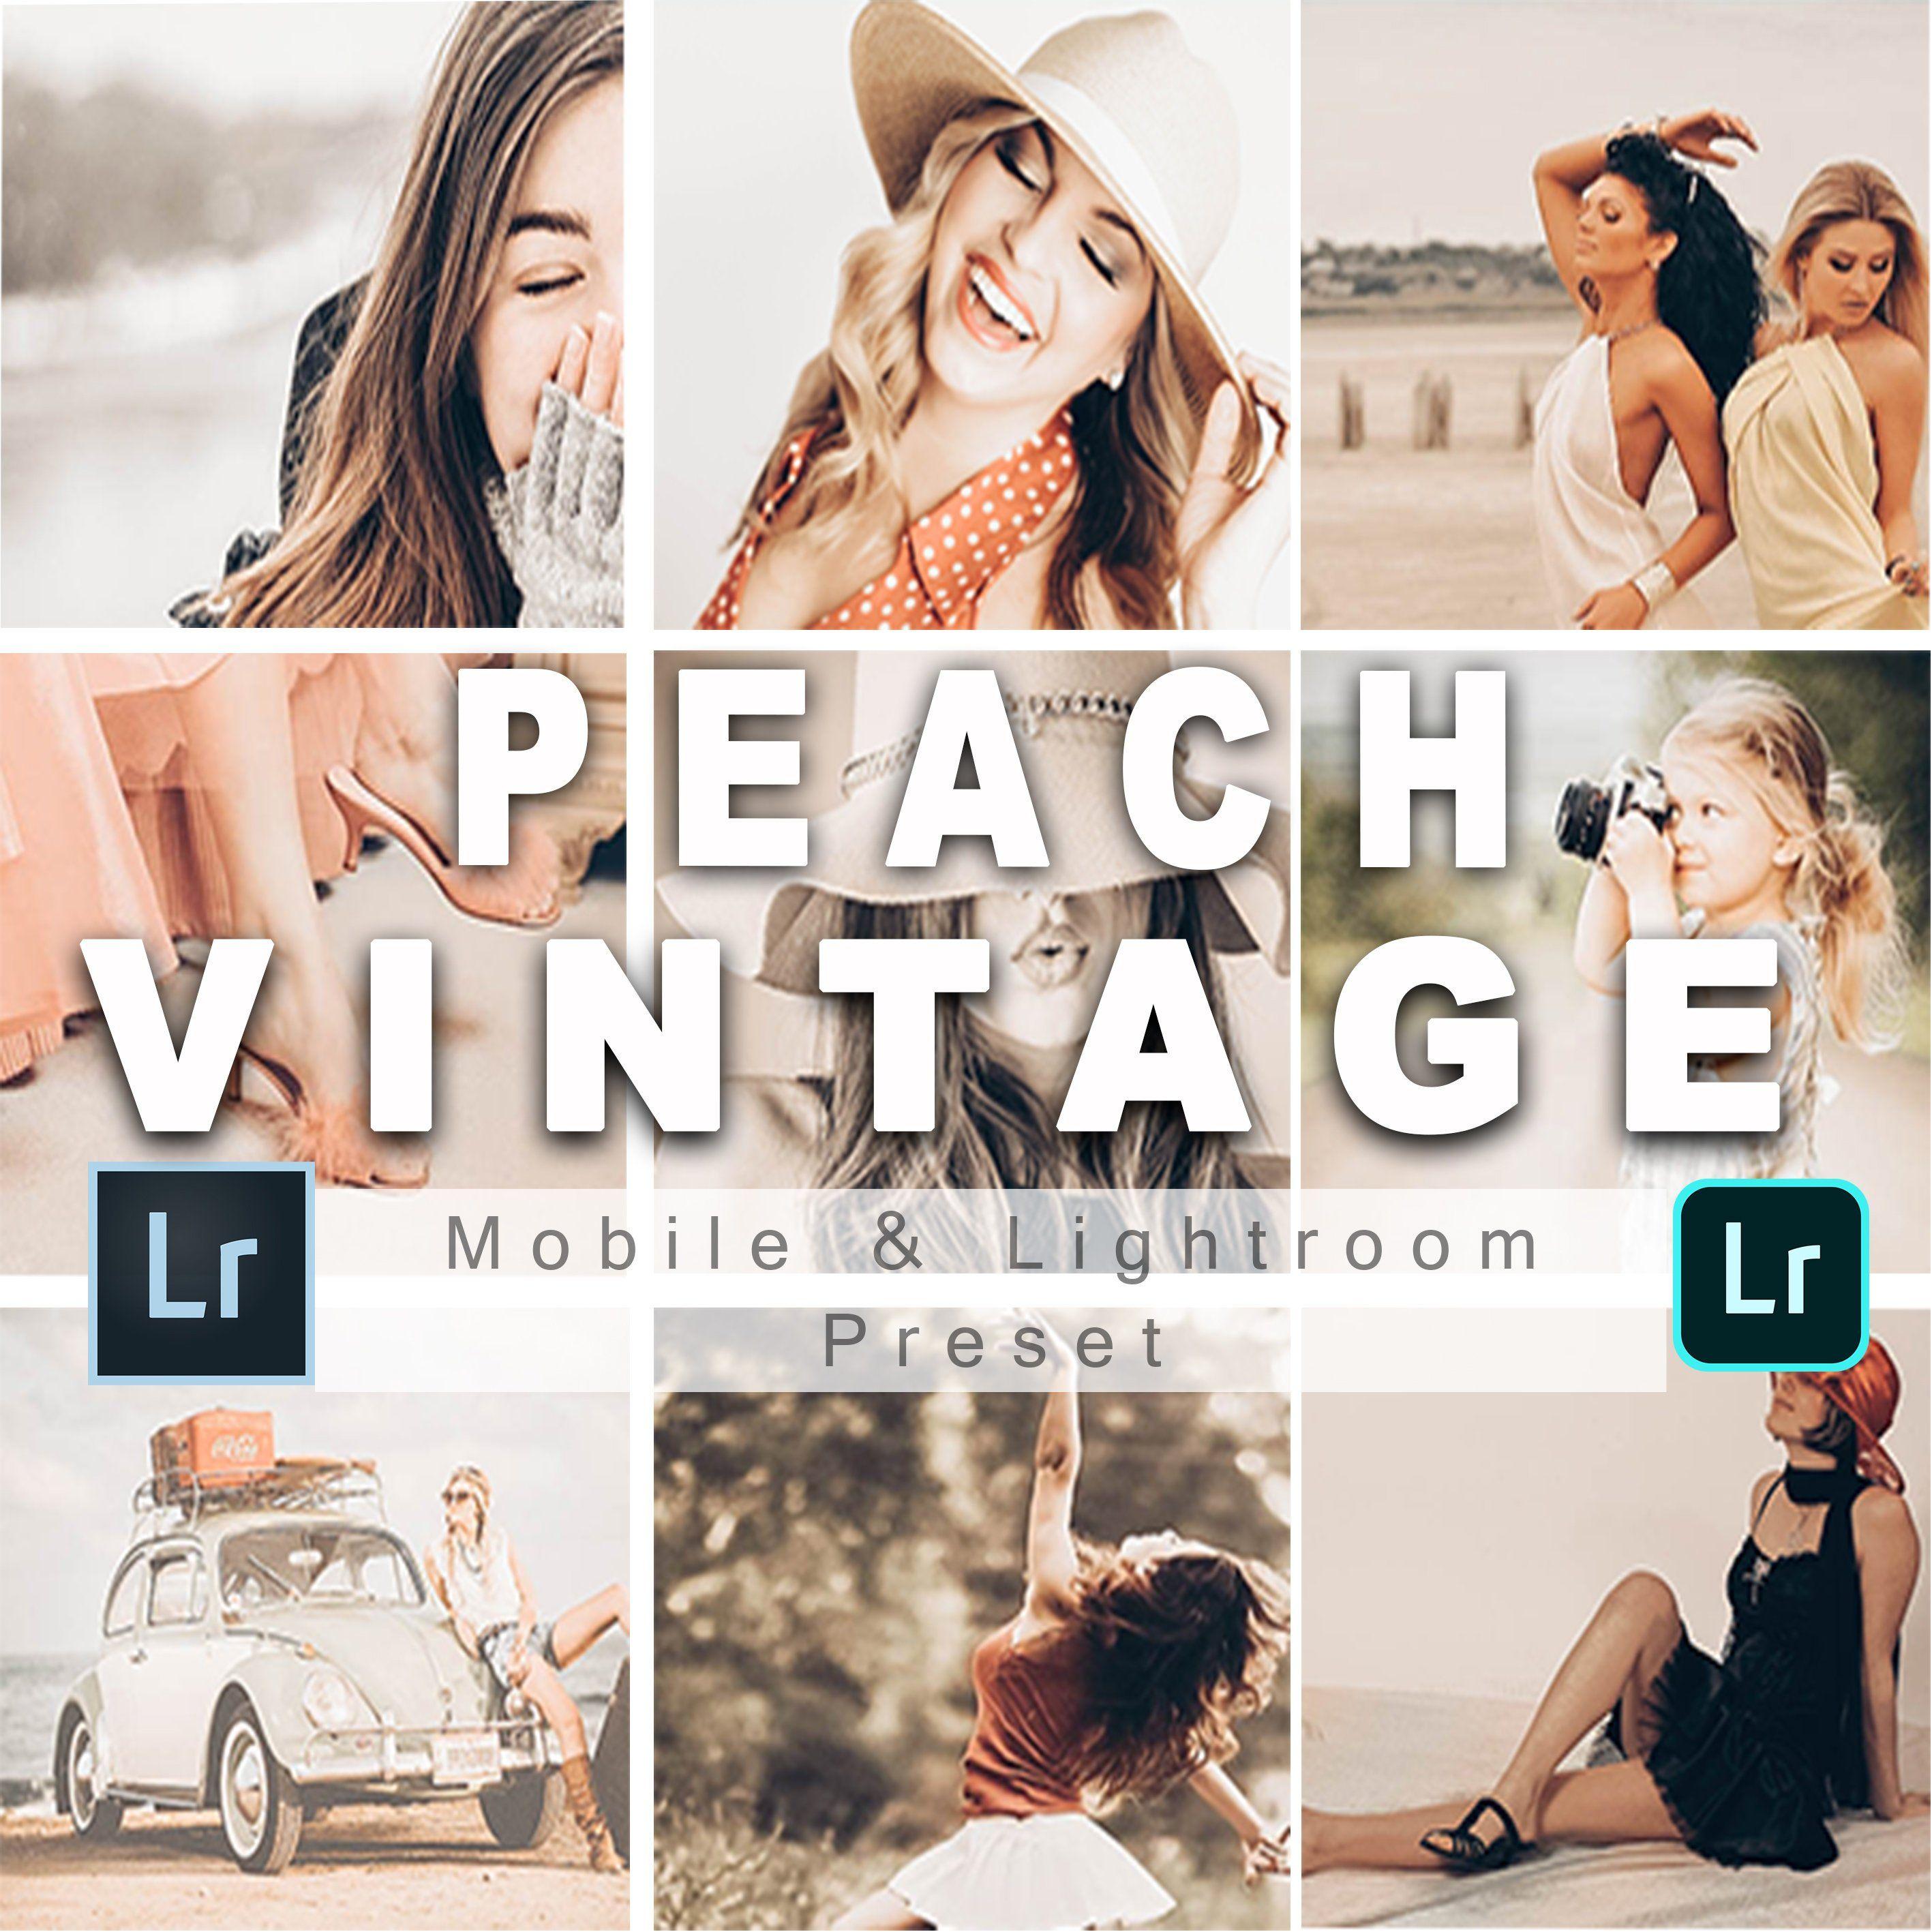 Lightroom Mobile Presets Peach Vintage Preset Presets Etsy Lightroom Presets Portrait Lightroom Presets Lightroom